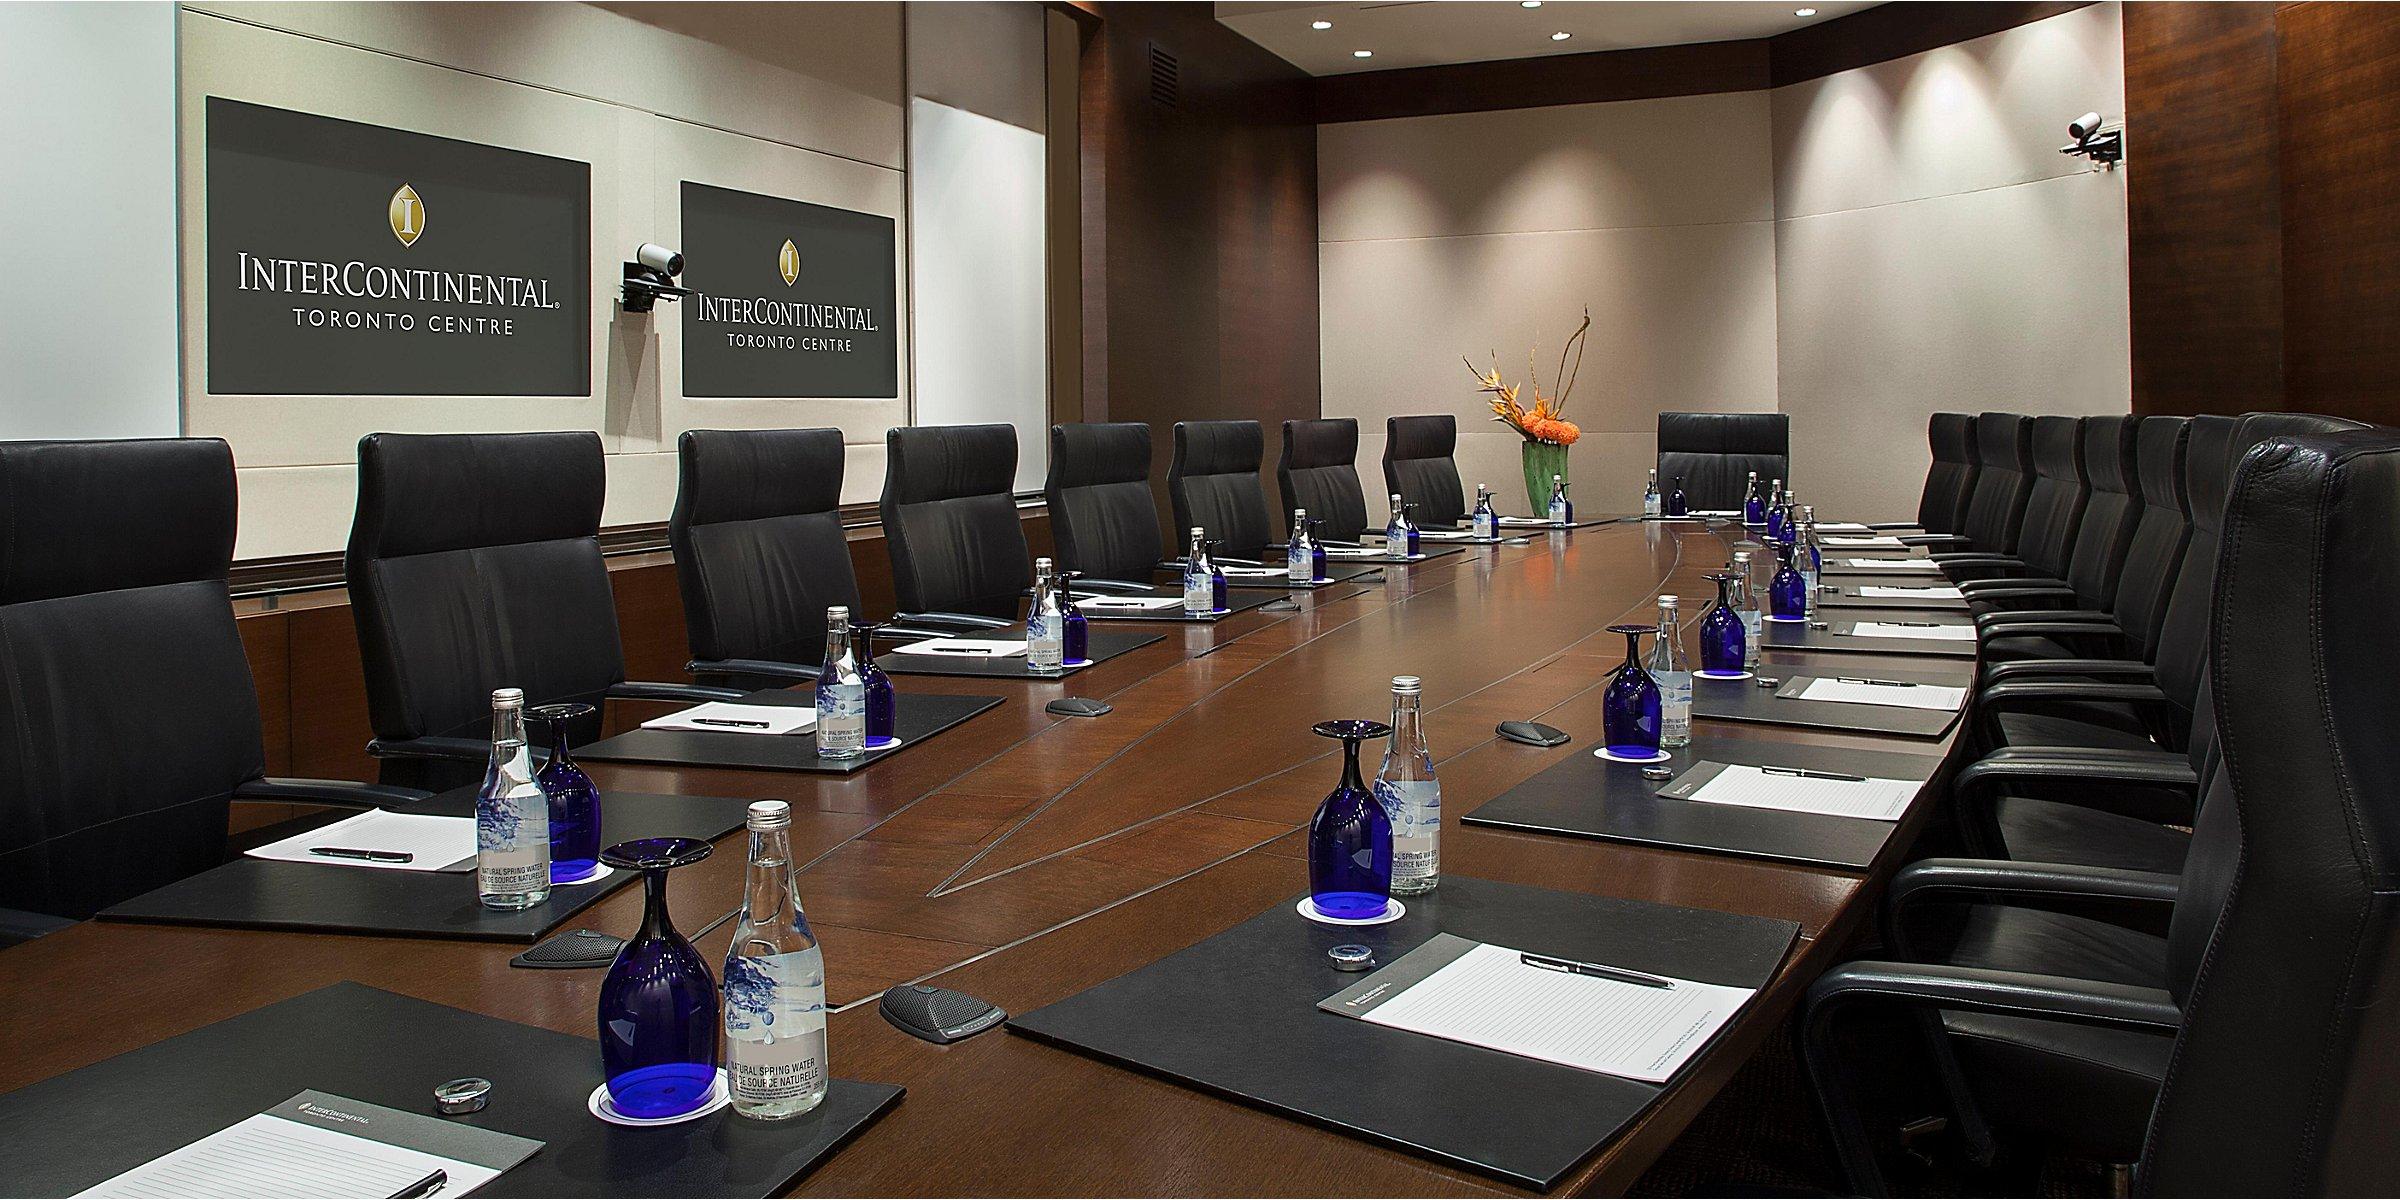 Na meetings toronto